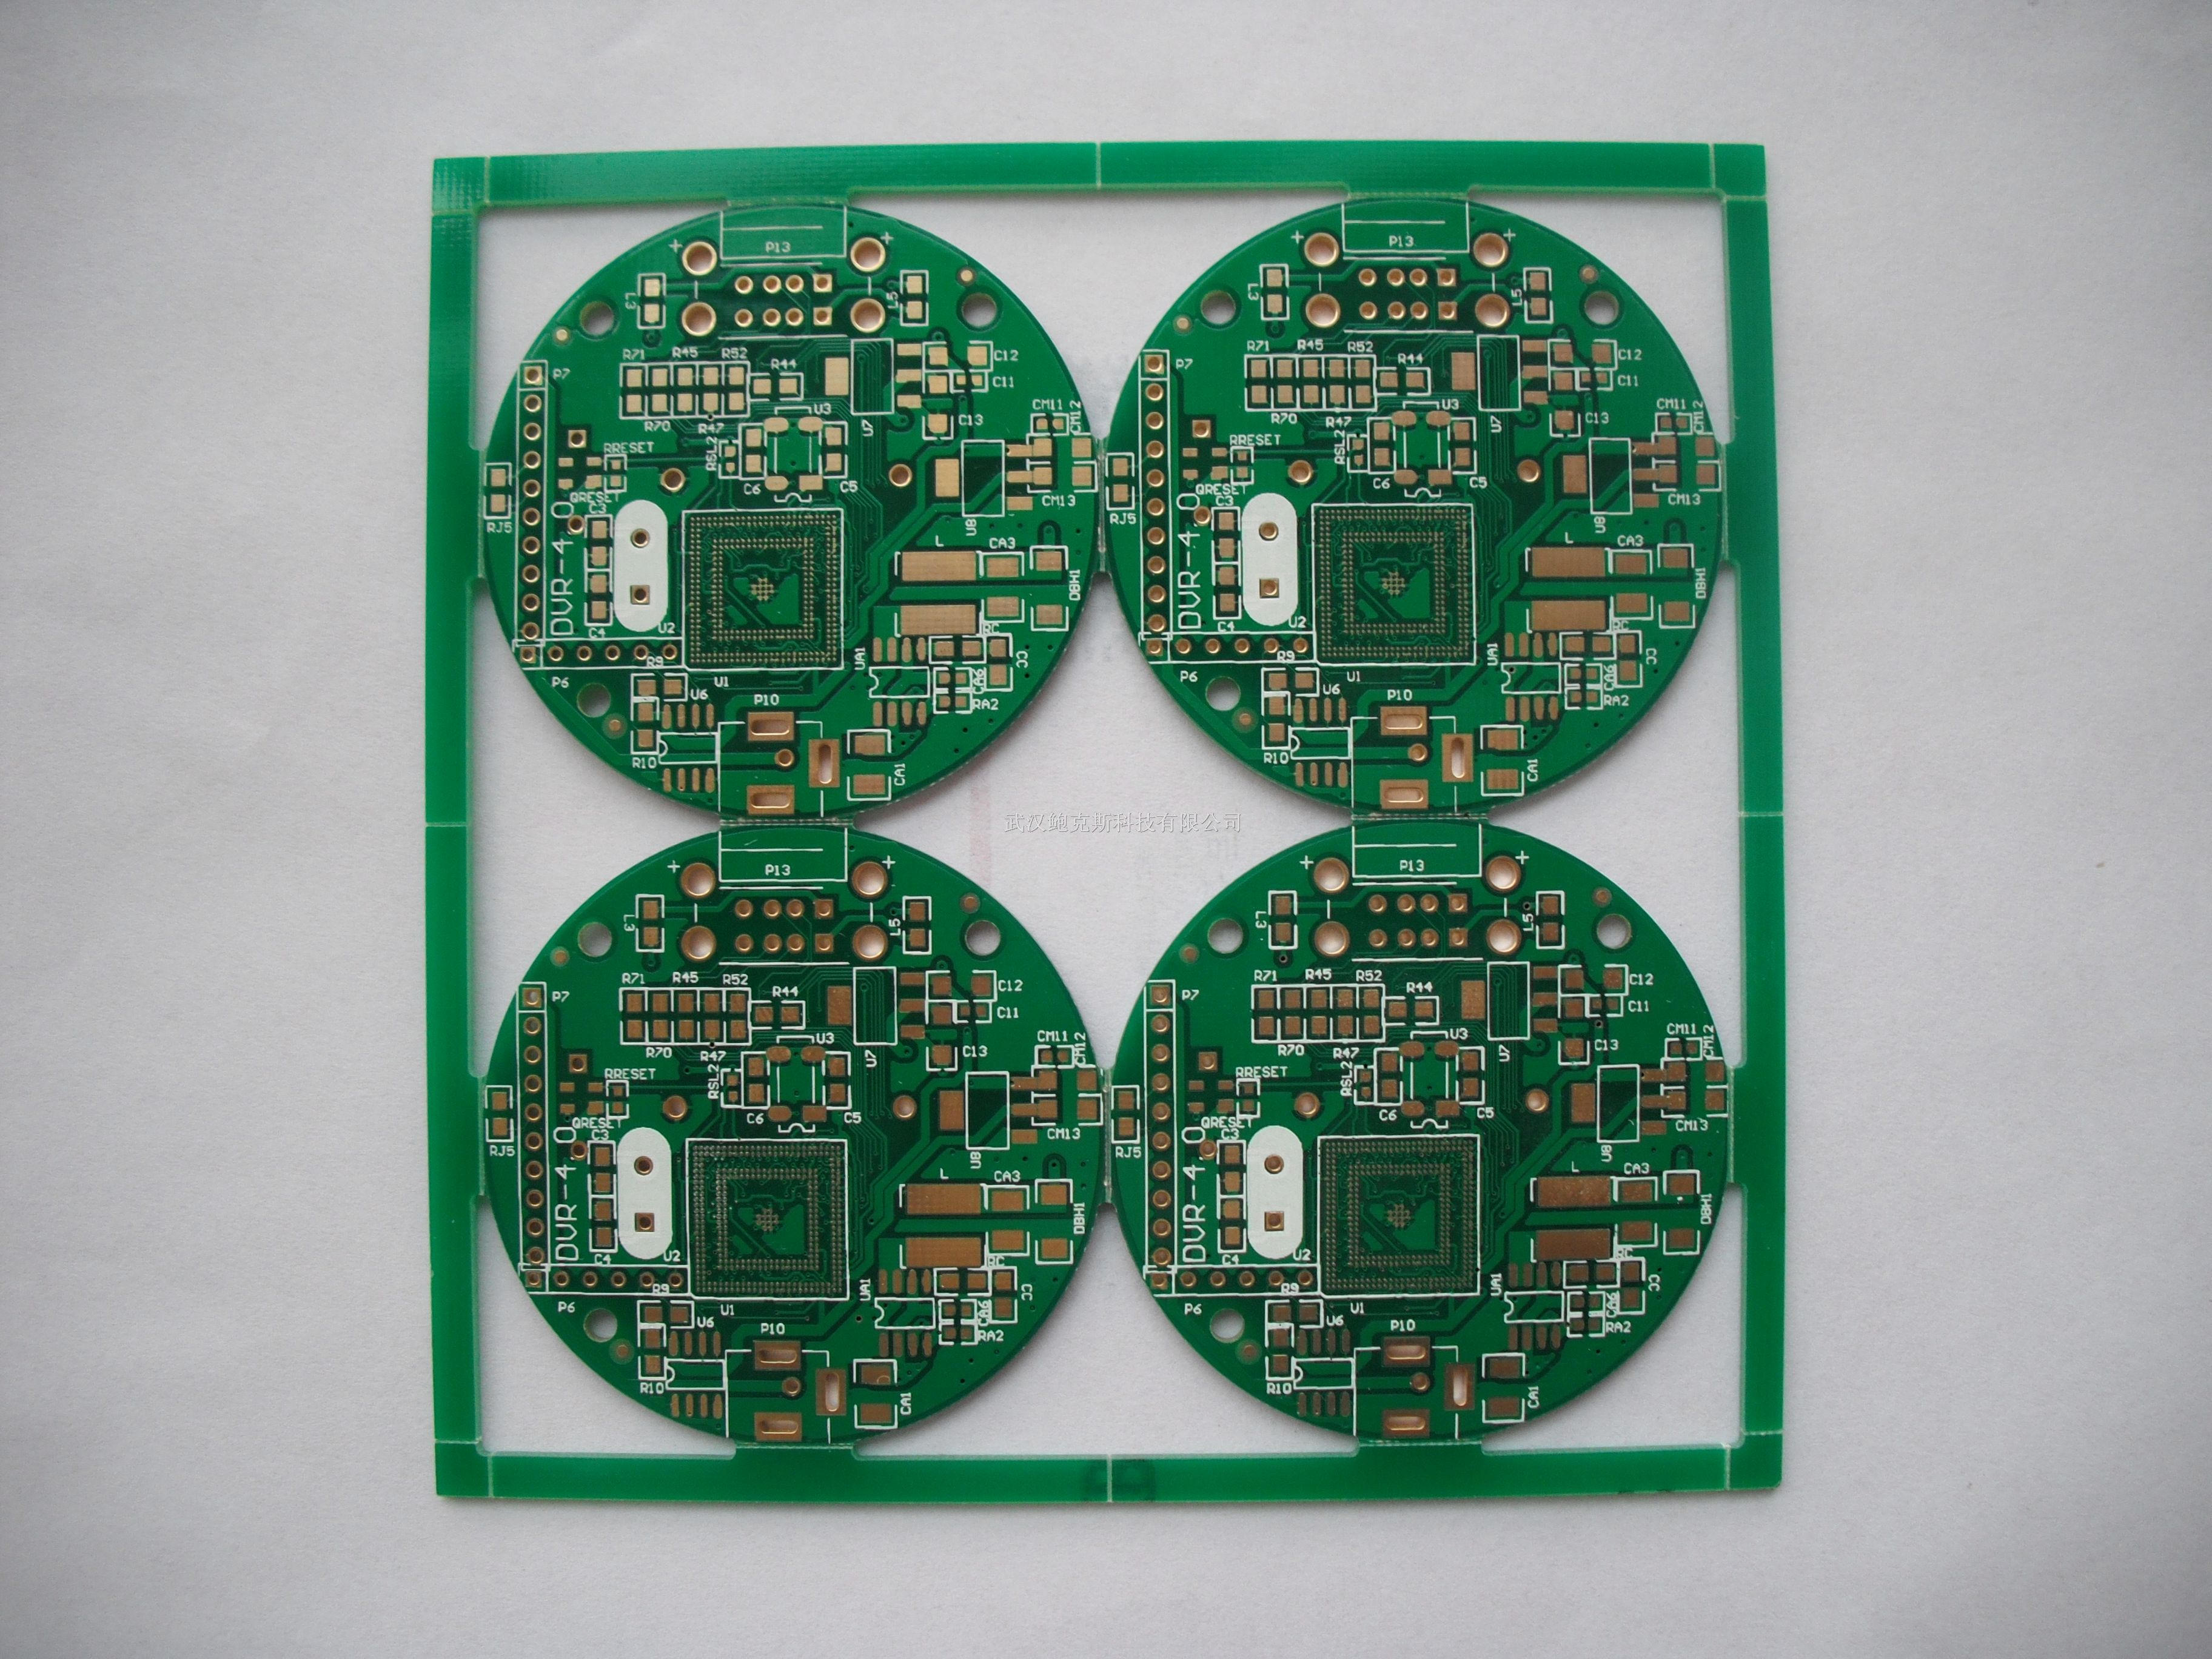 [图]超低价格电路板单价8分 工程,维库电子市场